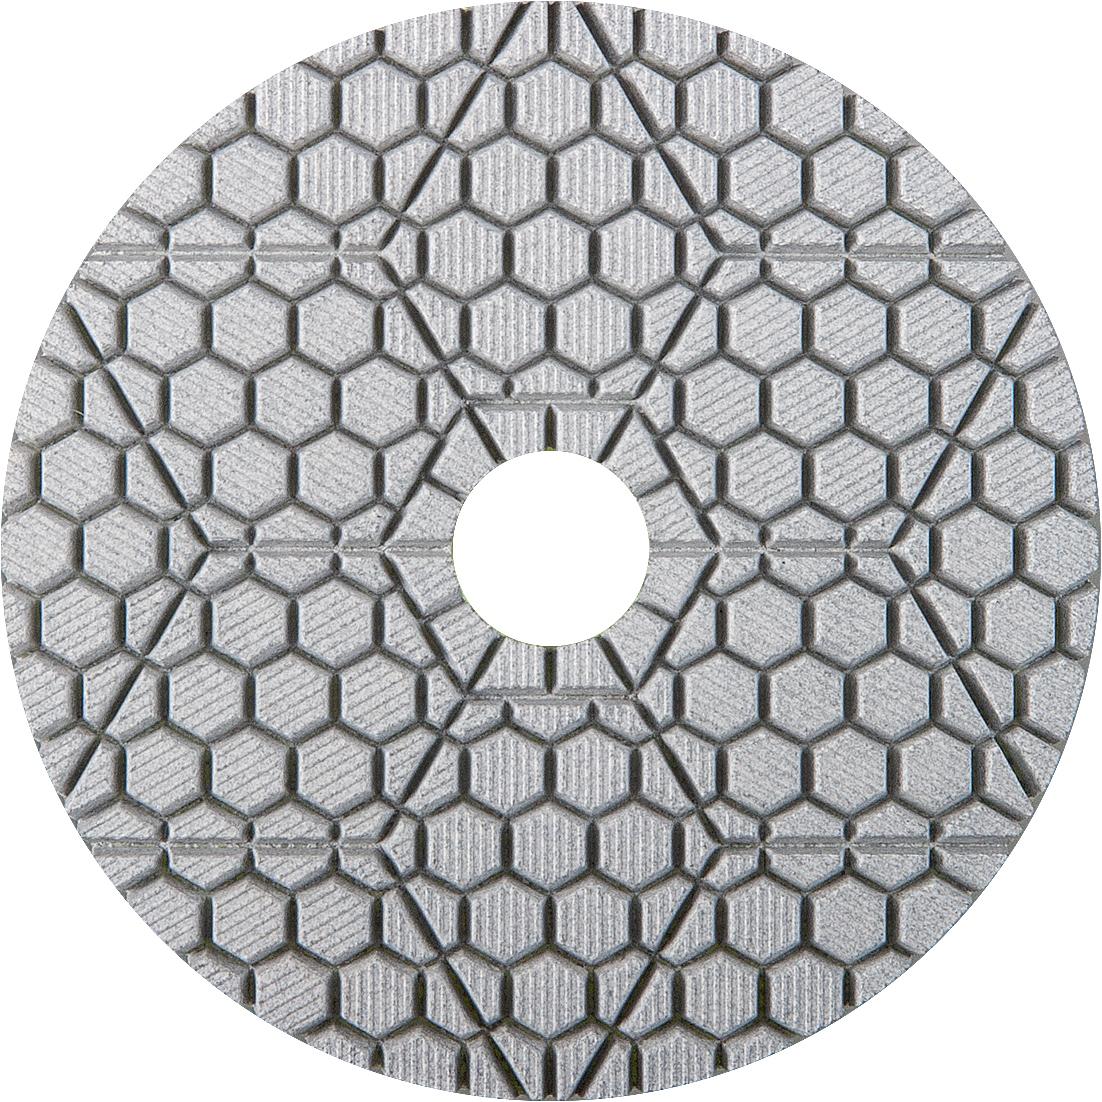 DIAREX Schleifbelag ADR 3-Step ø 100 mm   Korn 0